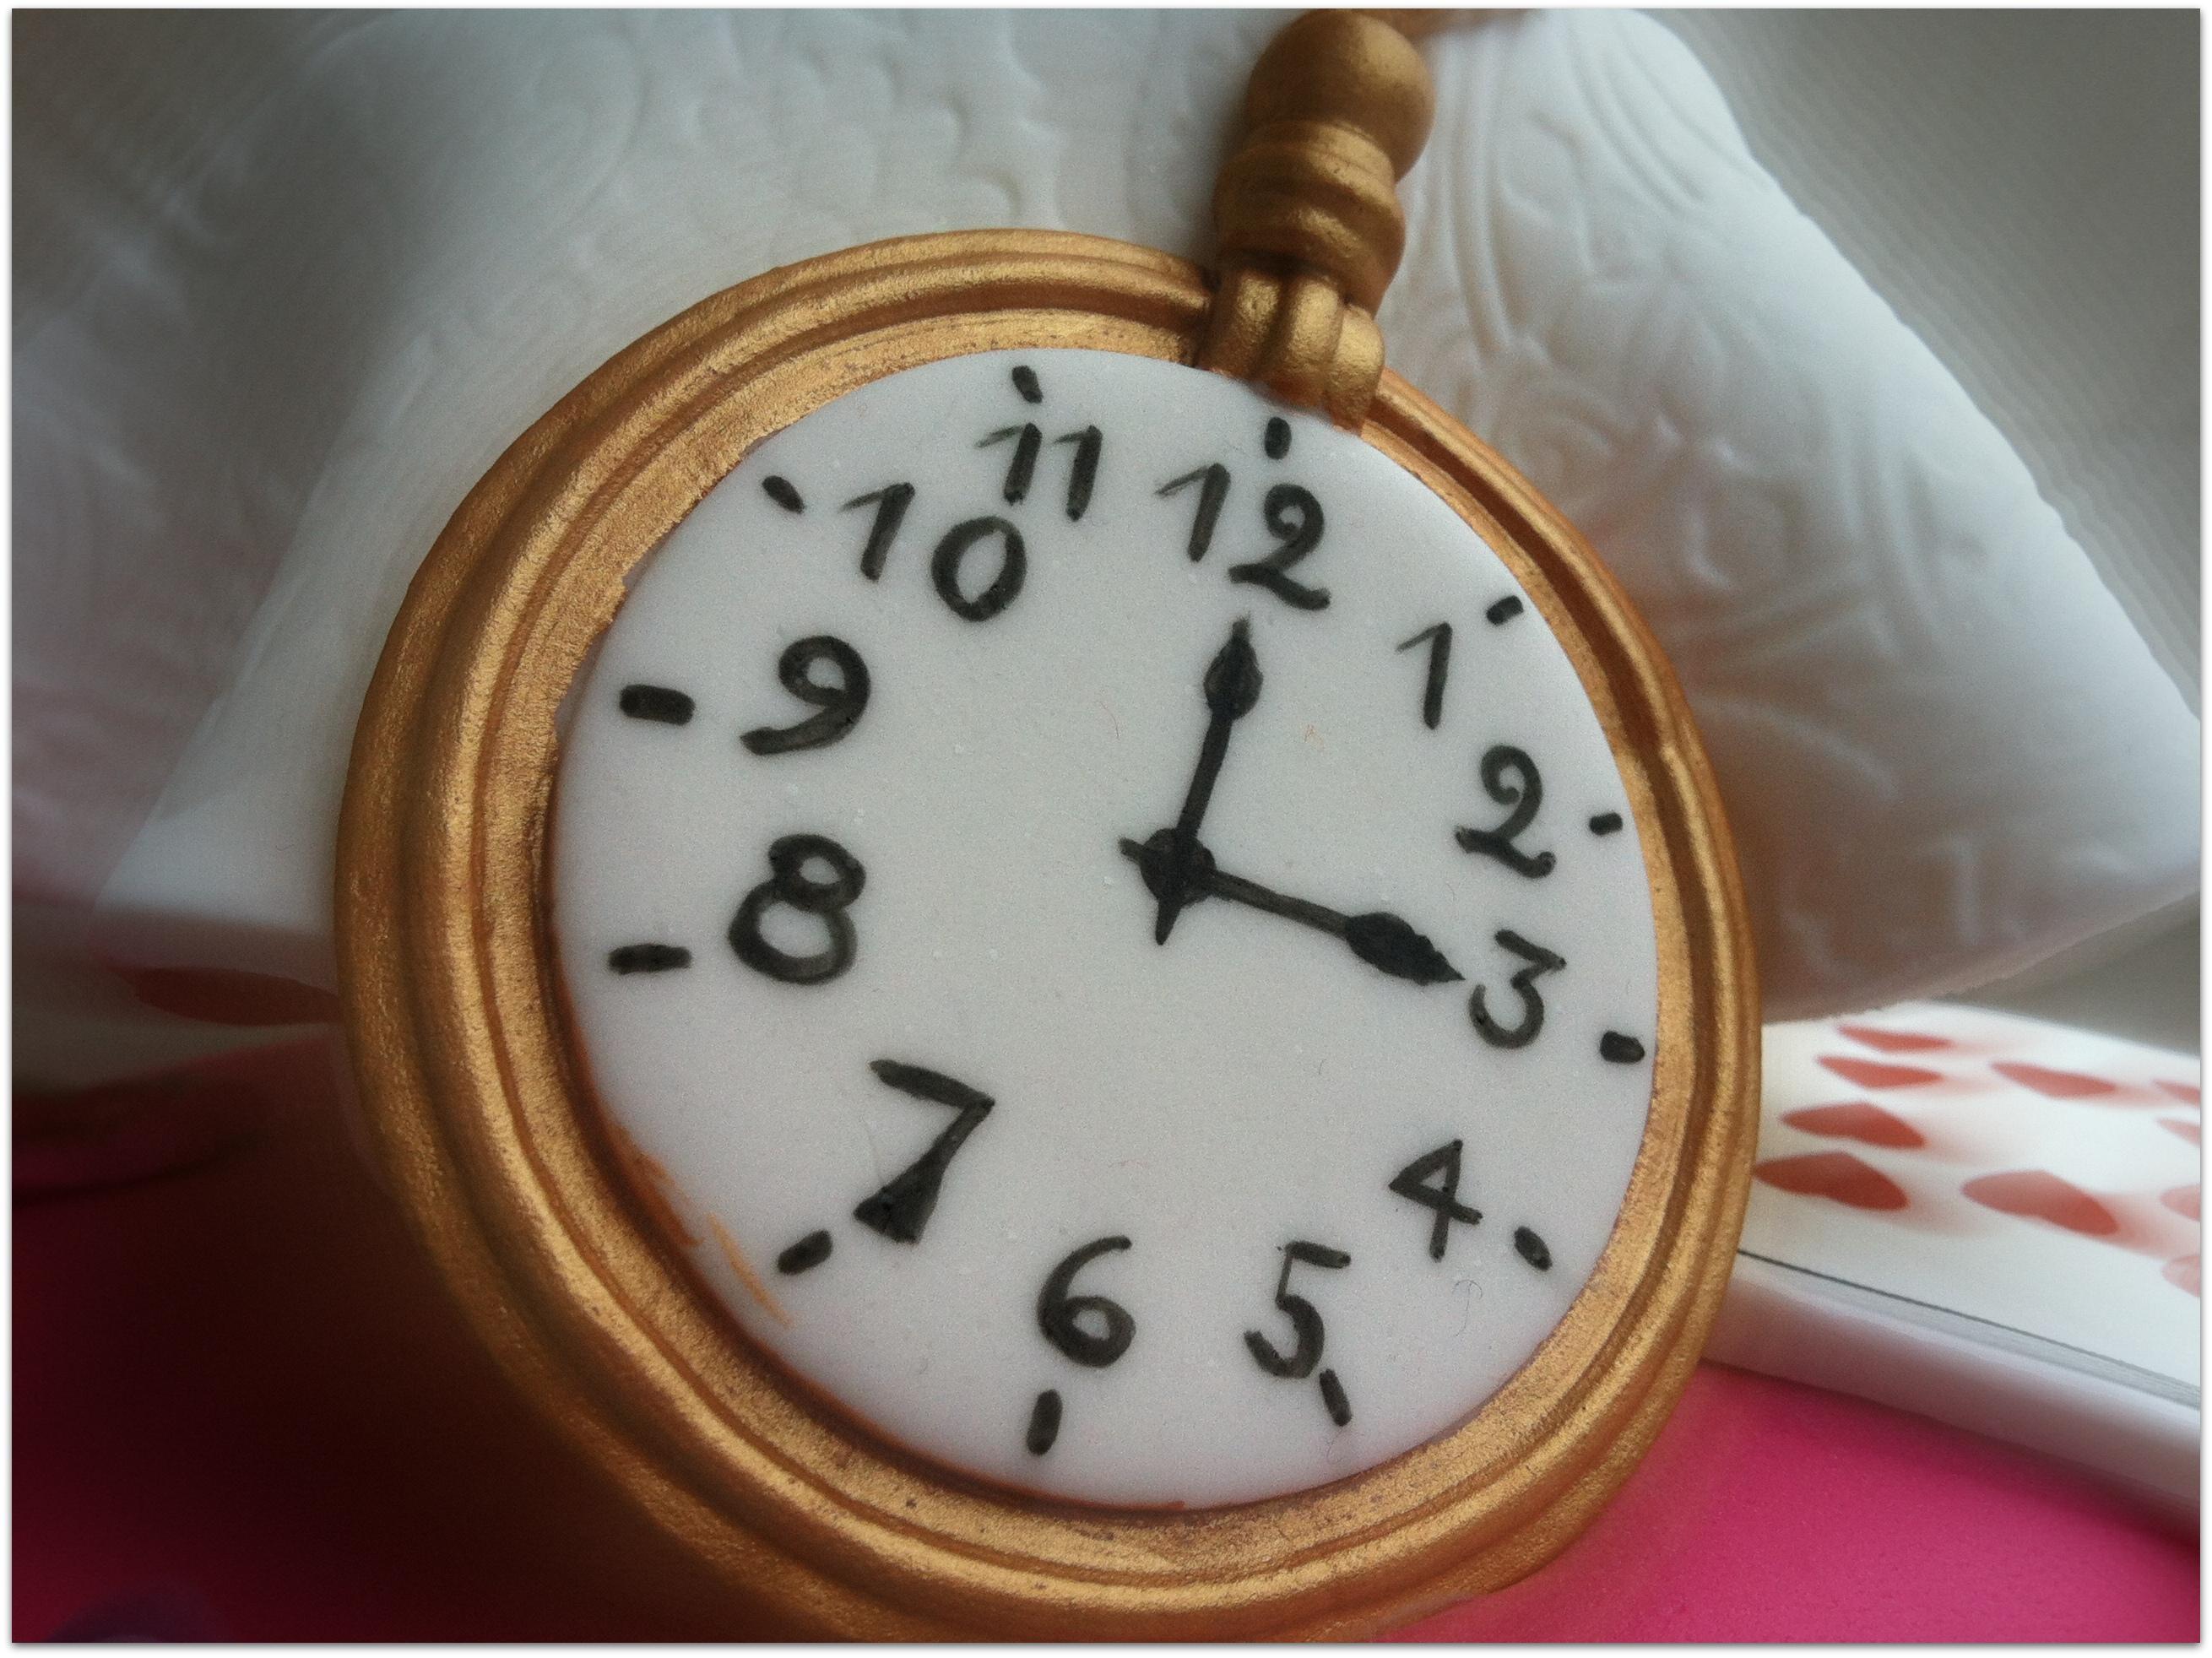 Reloj fondant Alicia en el país de las maravillas | Repostería ...